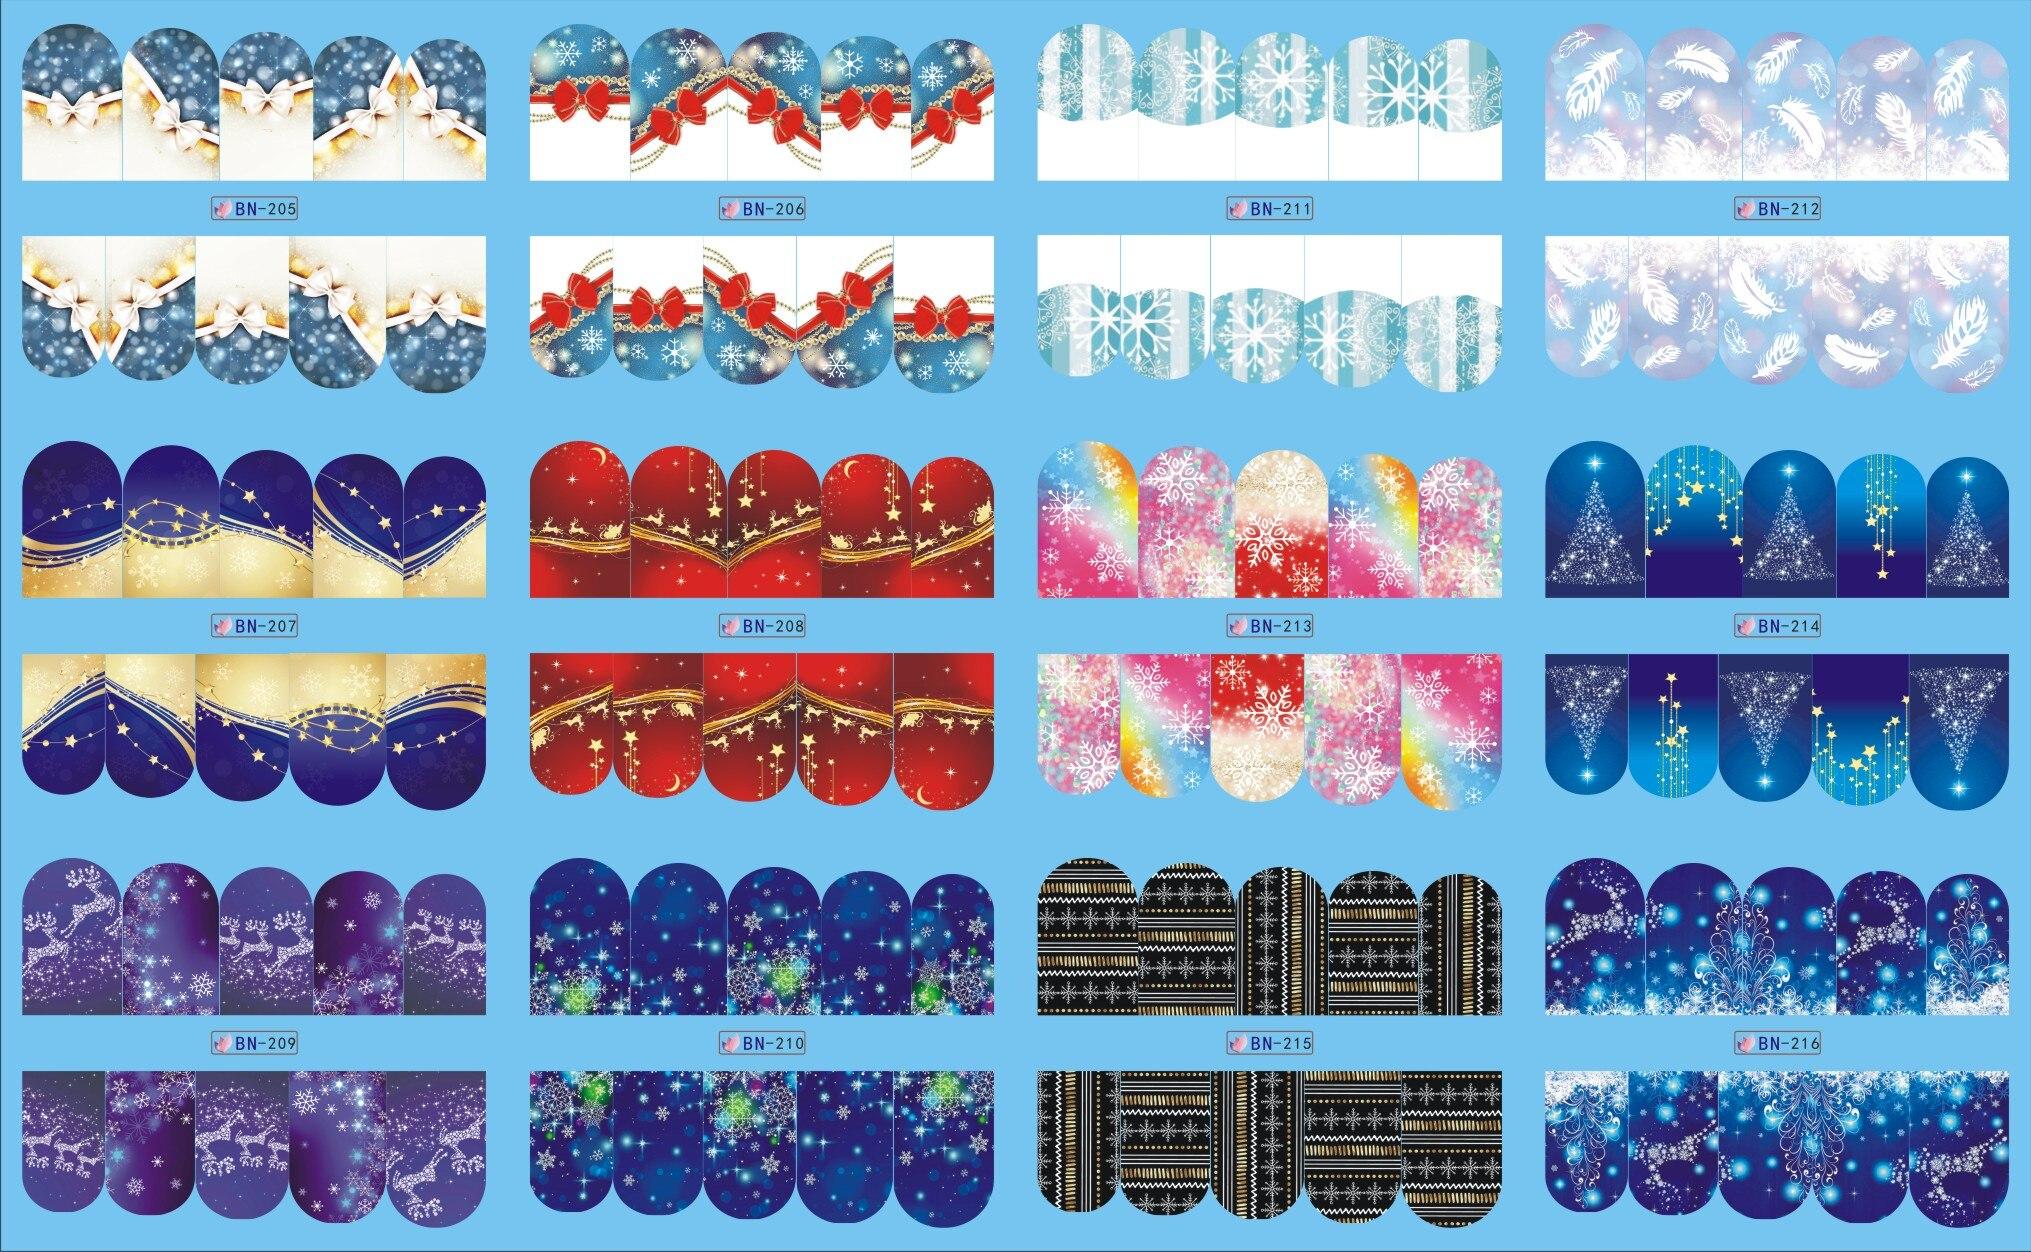 12 Folhas/Lote Prego BN205-216 Snow Flower Natal Estilo Cobertura Completa Das Unhas Art Wraps Água Adesivo Decalque Para Unhas (12 PROJETOS EM 1)